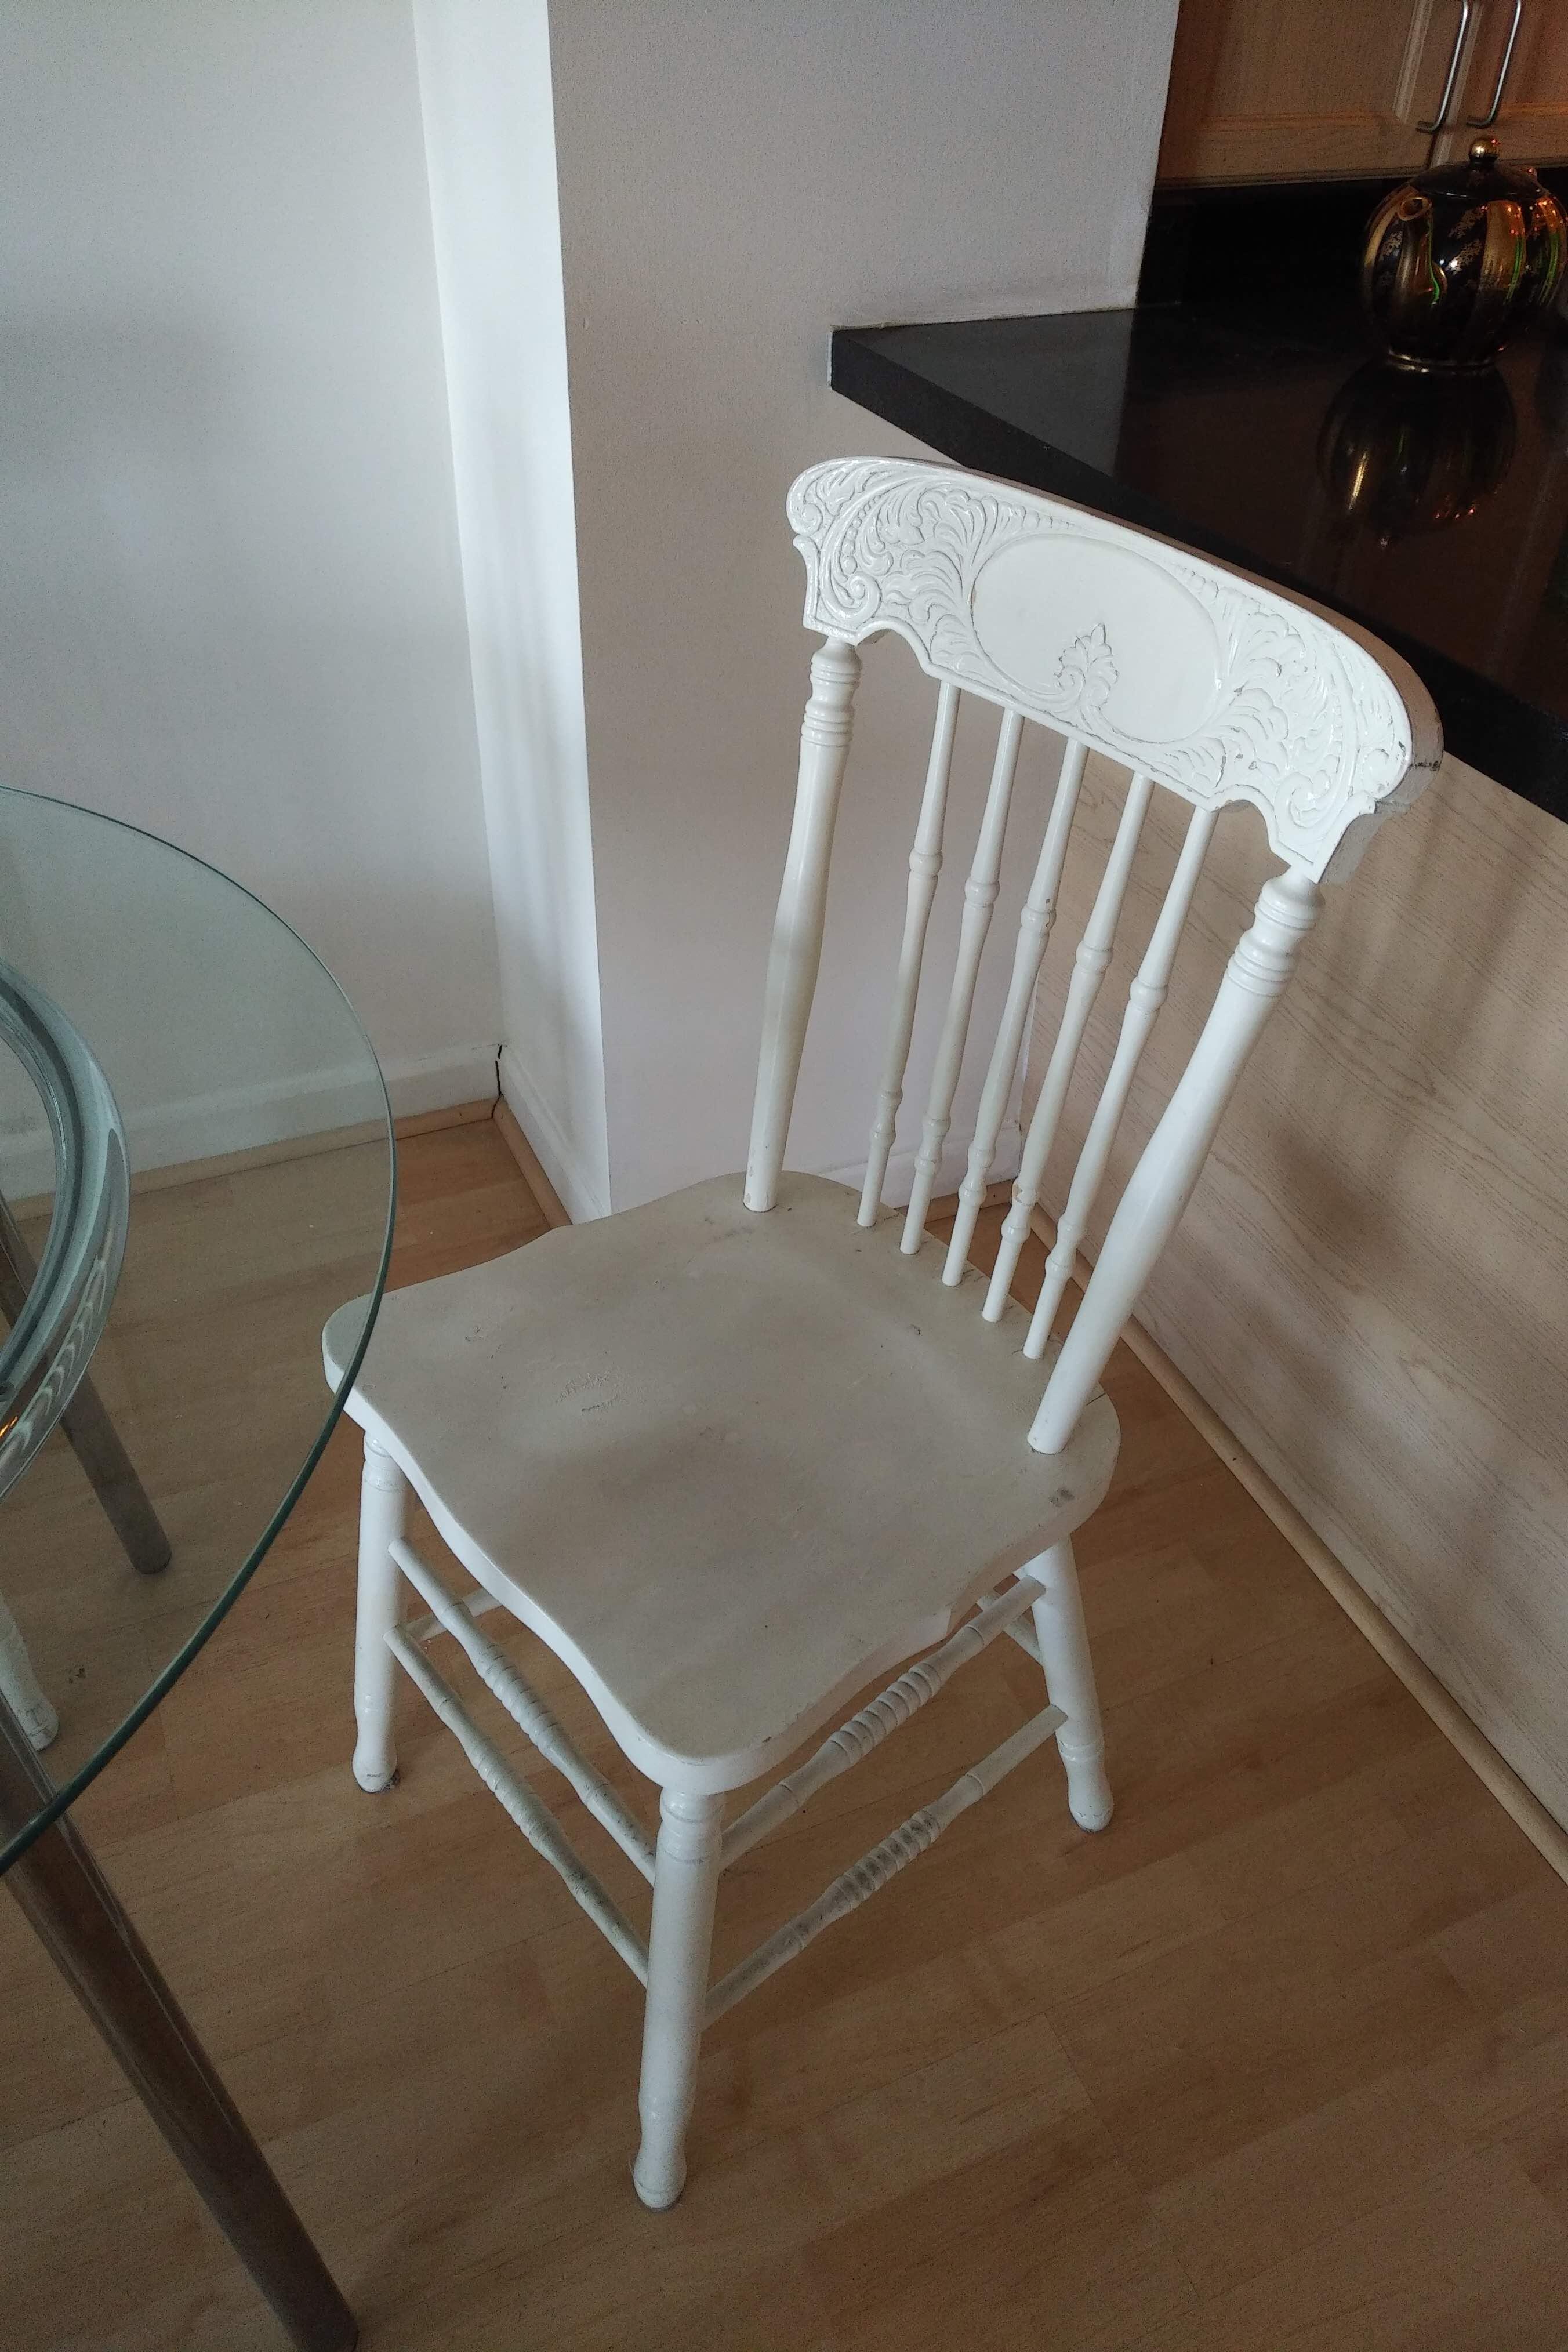 Item images%2f1520967316450 78p06tk3ade 44e572f3116afbc814e62342a99f5aa1%2f18.3.13+single+white+chair